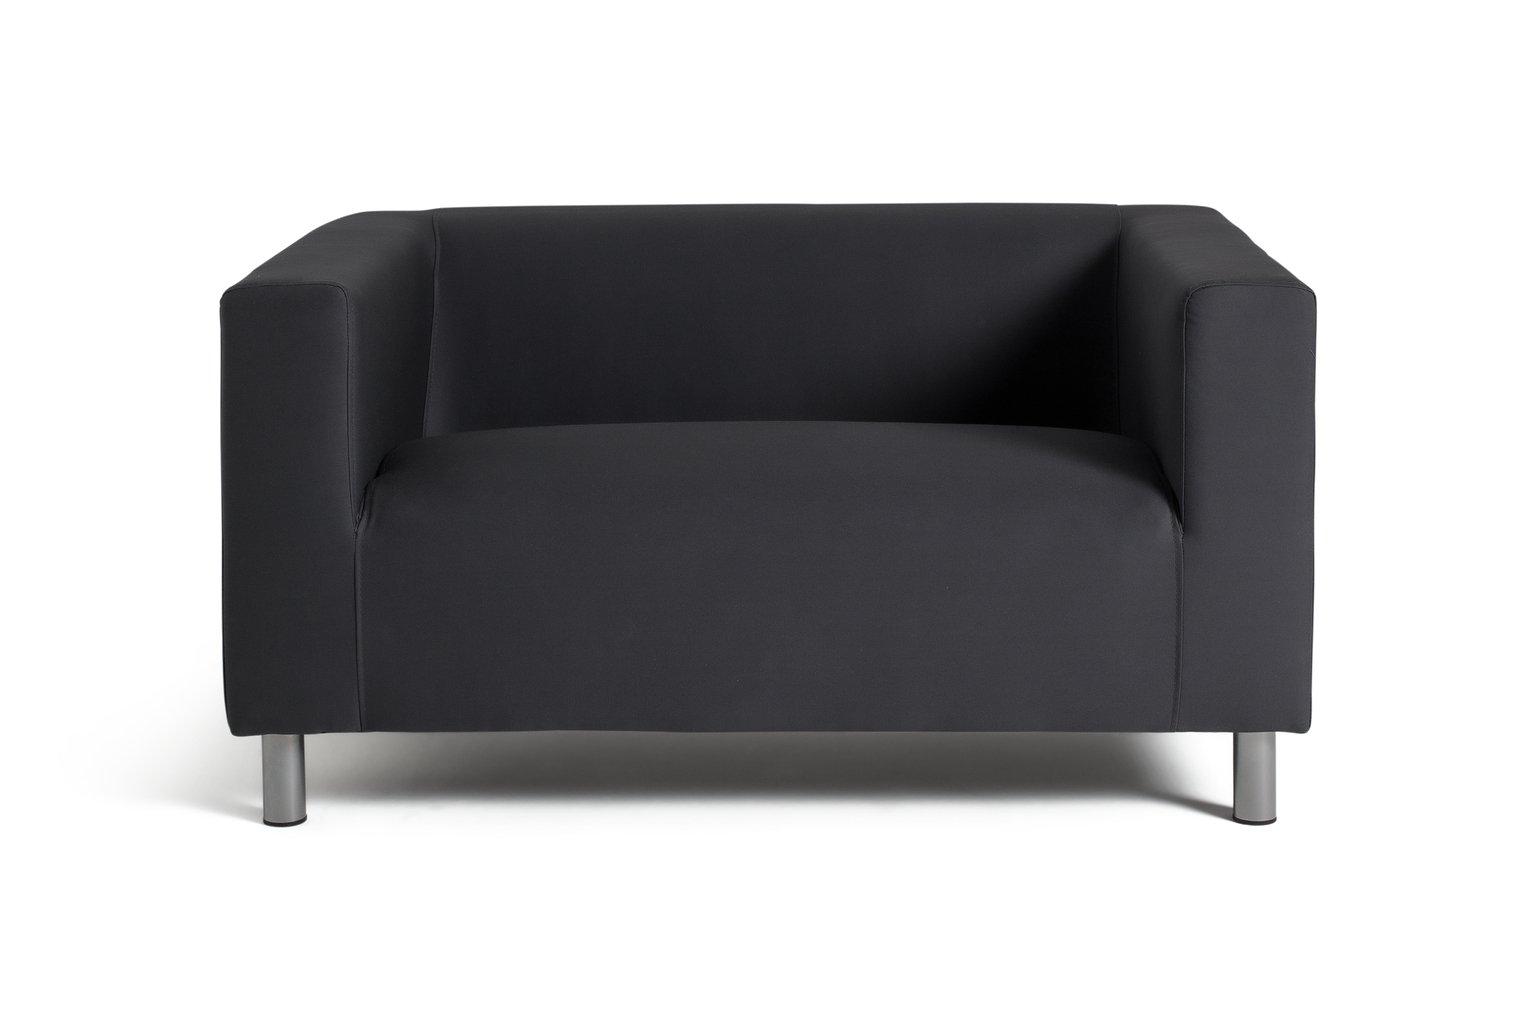 Argos Home Moda Compact 2 Seater Fabric Sofa - Grey